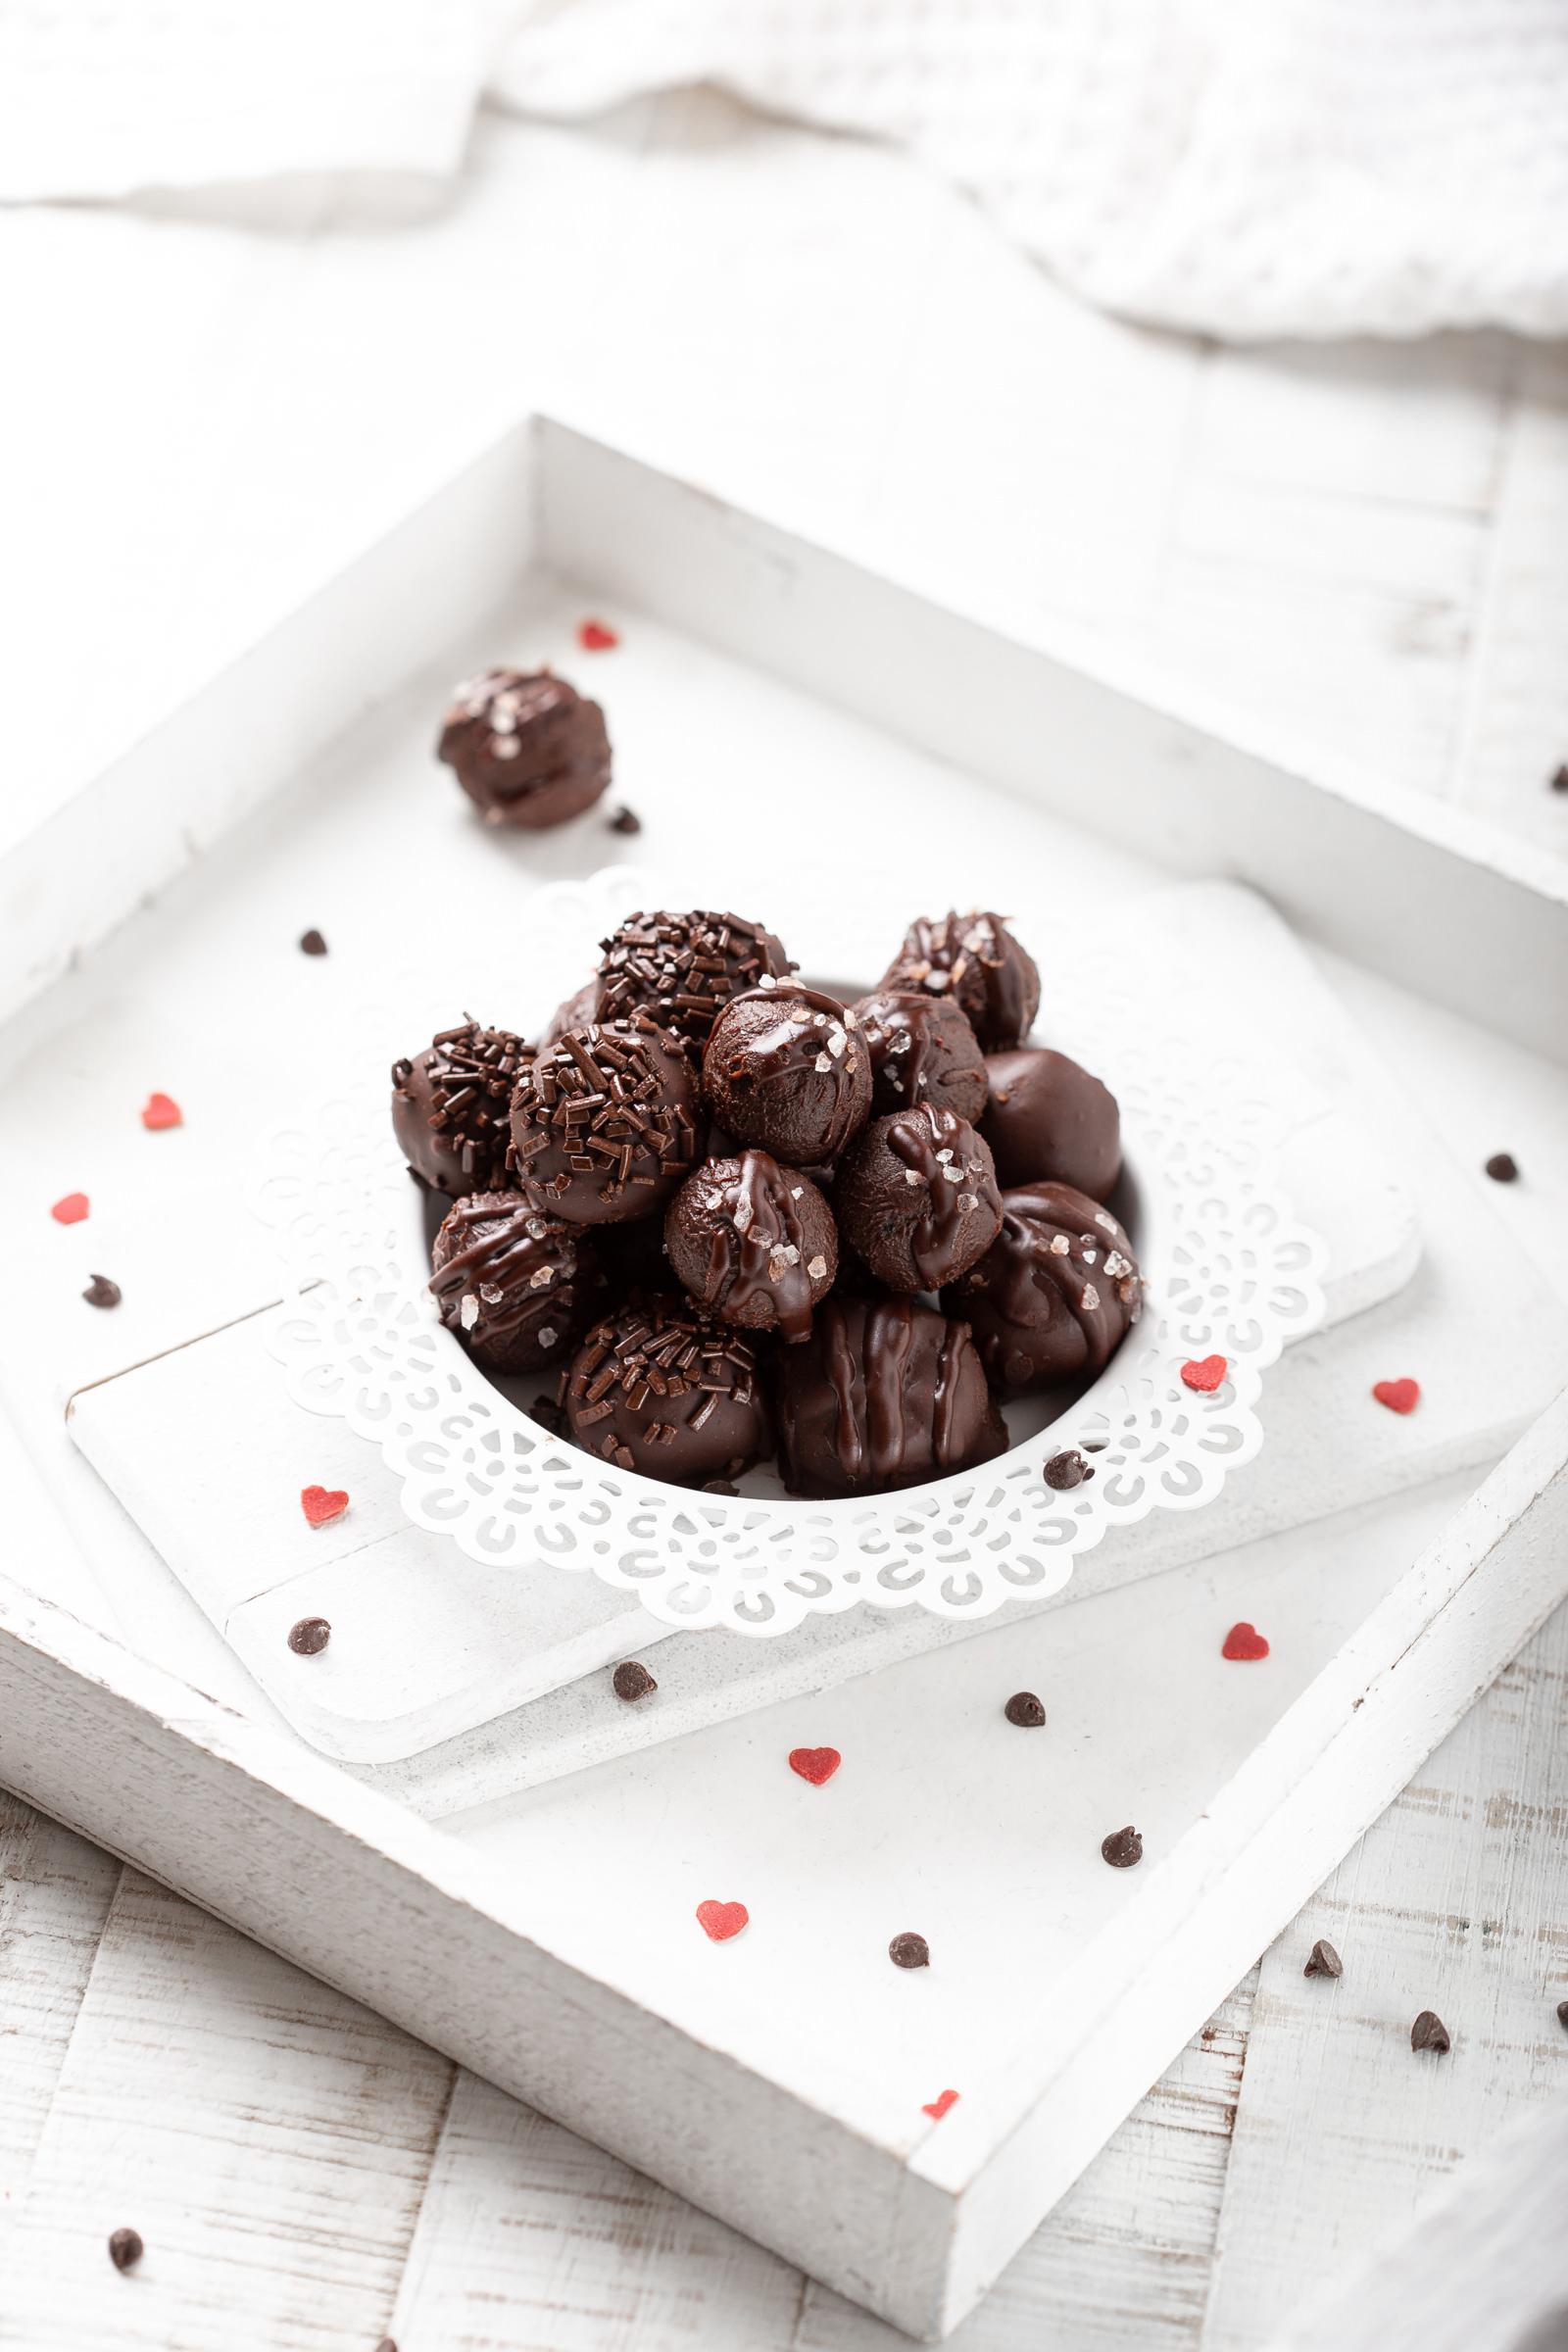 Čokoladni tartufi sa sušenim brusnicama i himalajskom soli Metro desert Darko Kontin recept